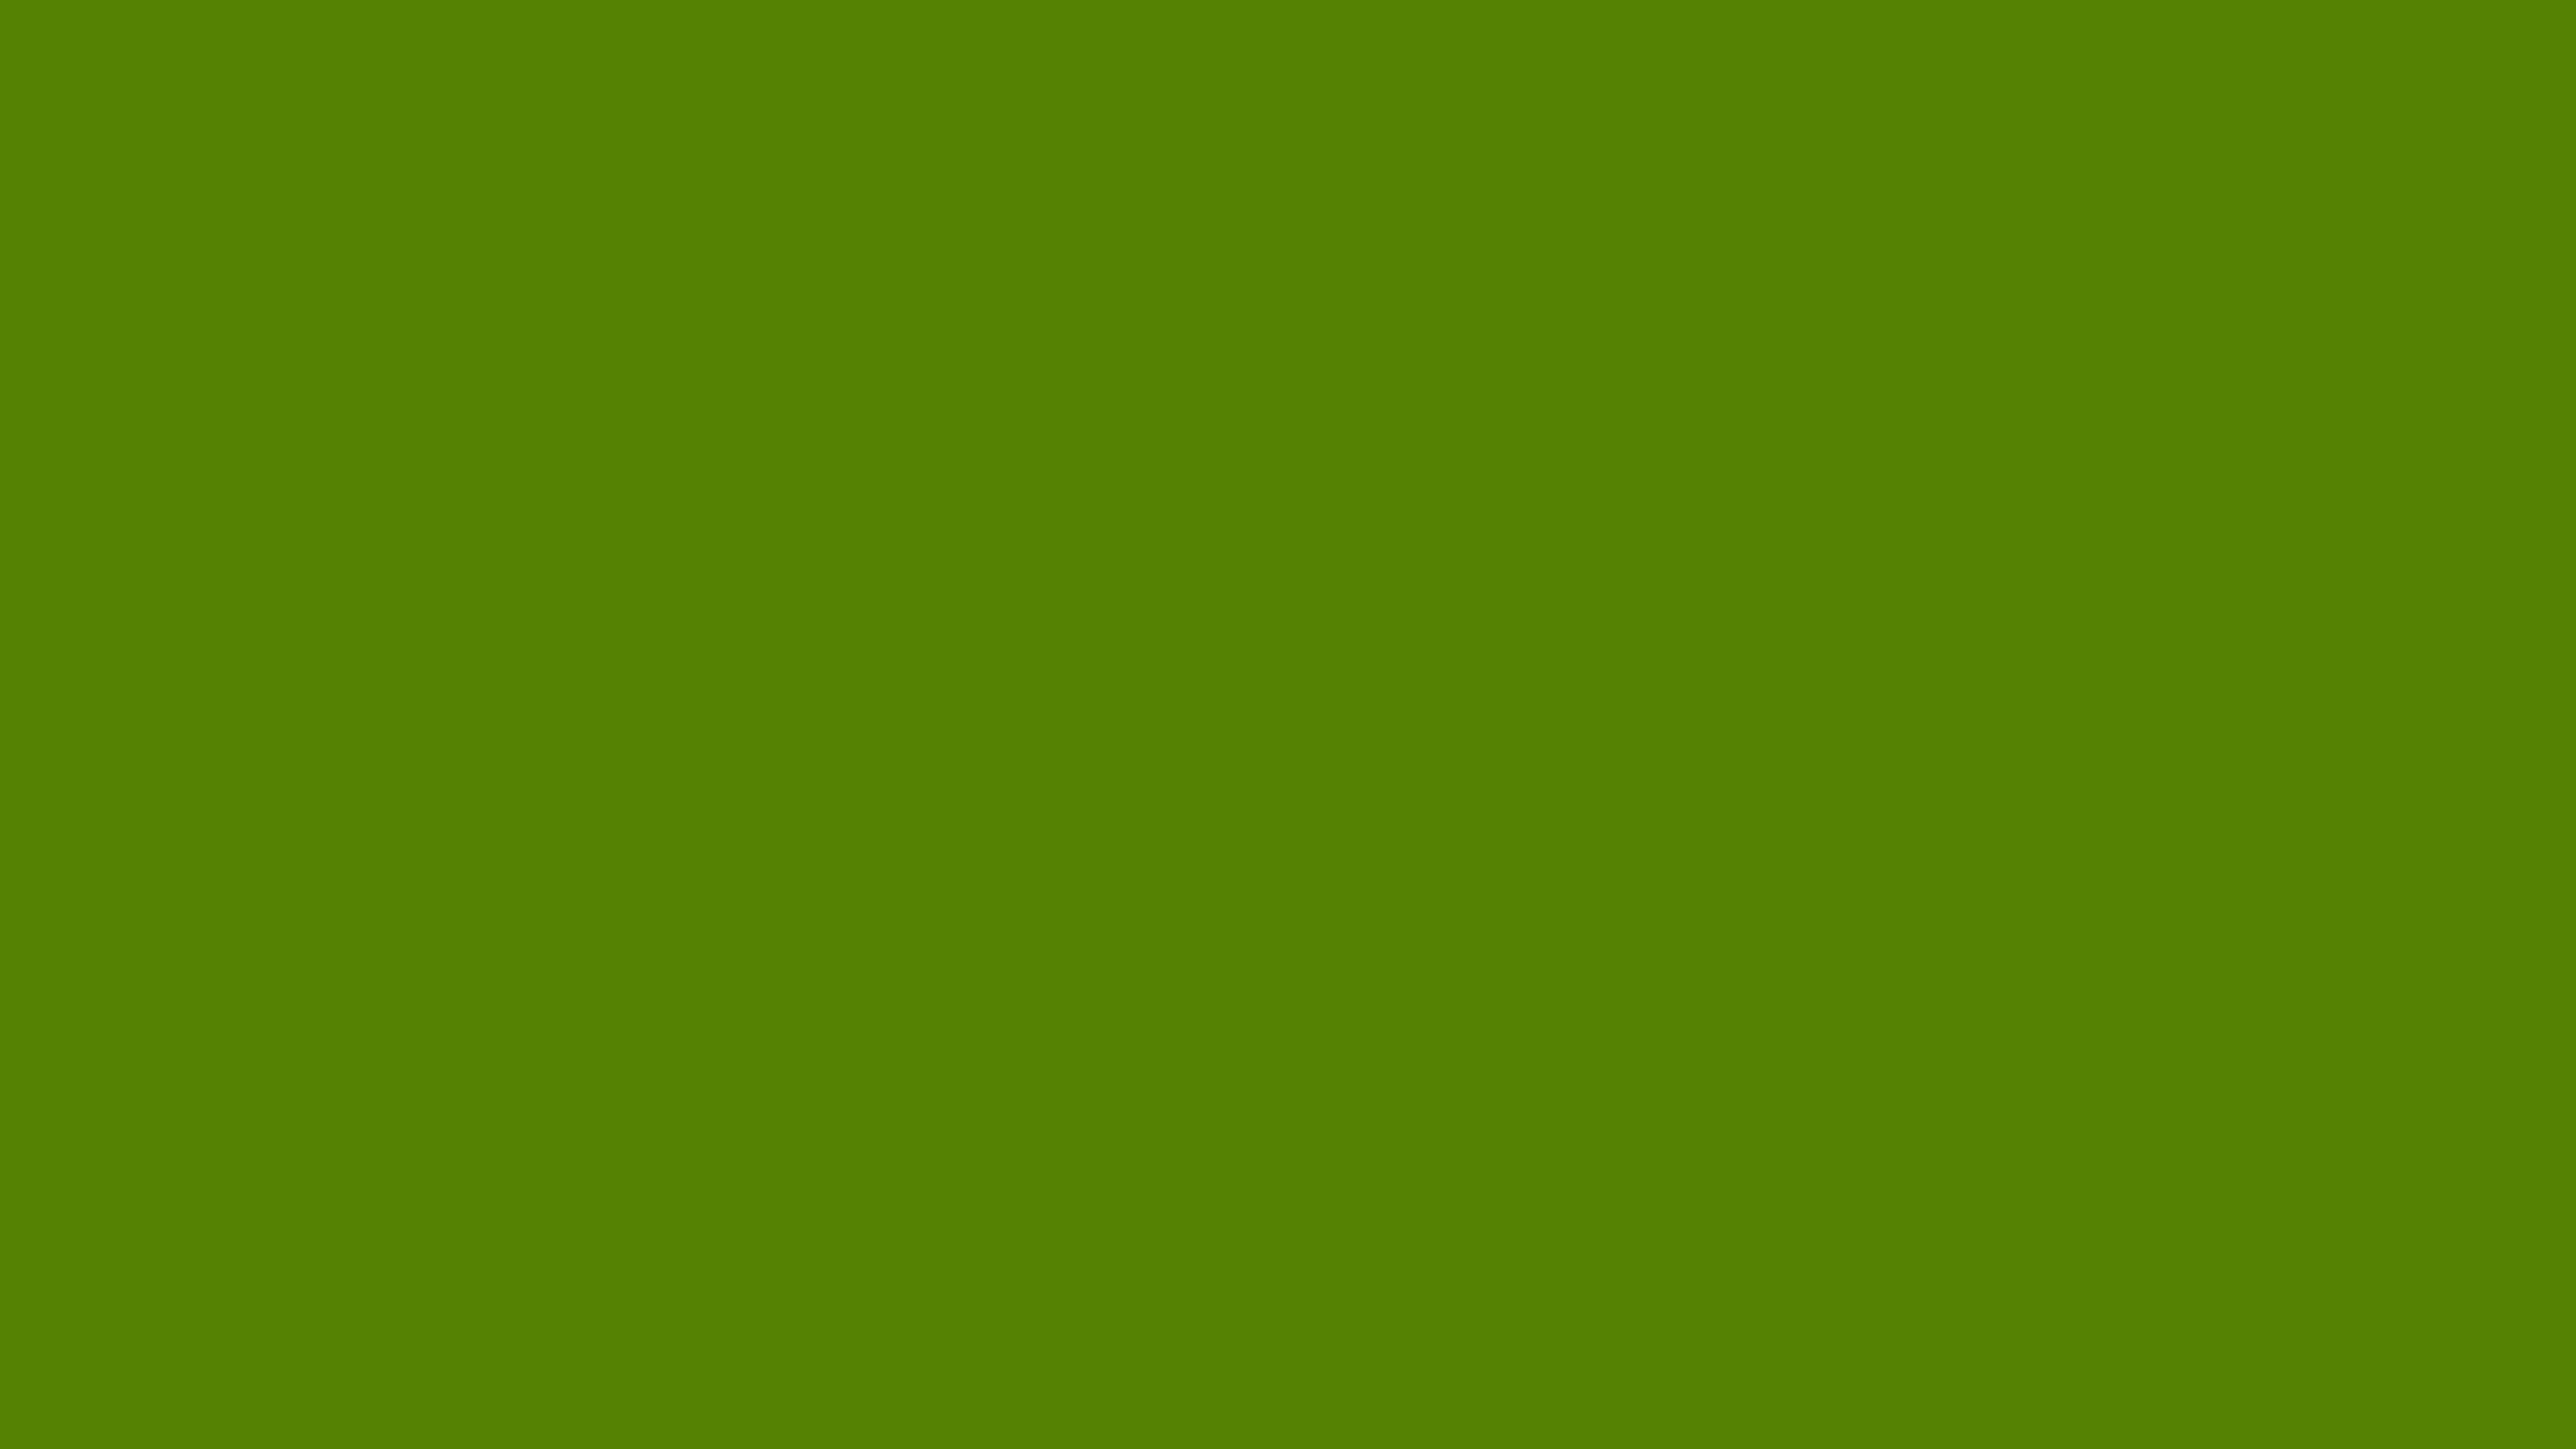 5120x2880 Avocado Solid Color Background